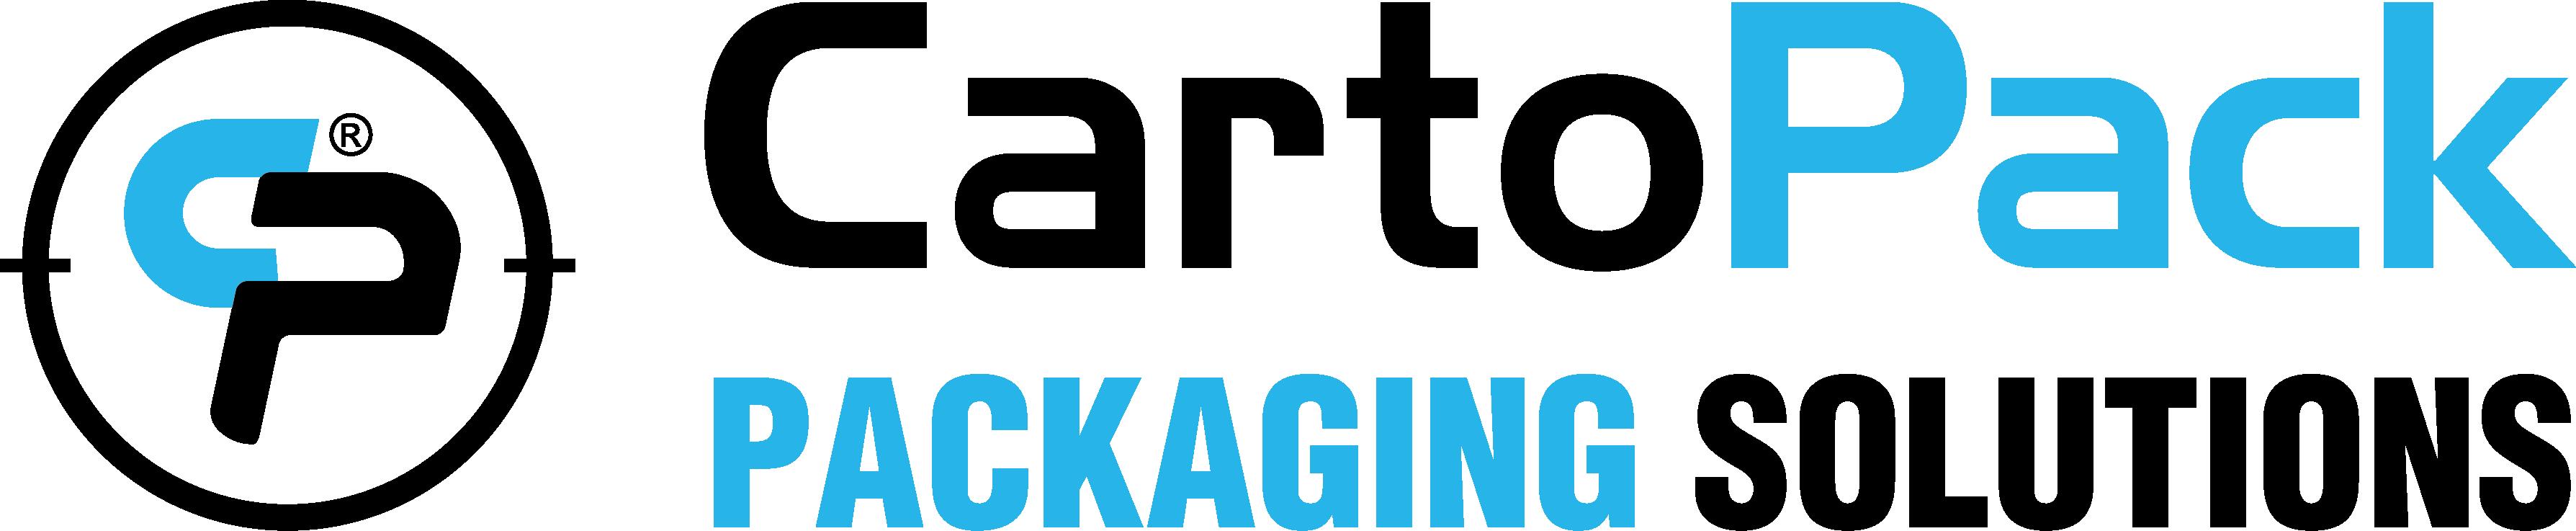 Cartopack